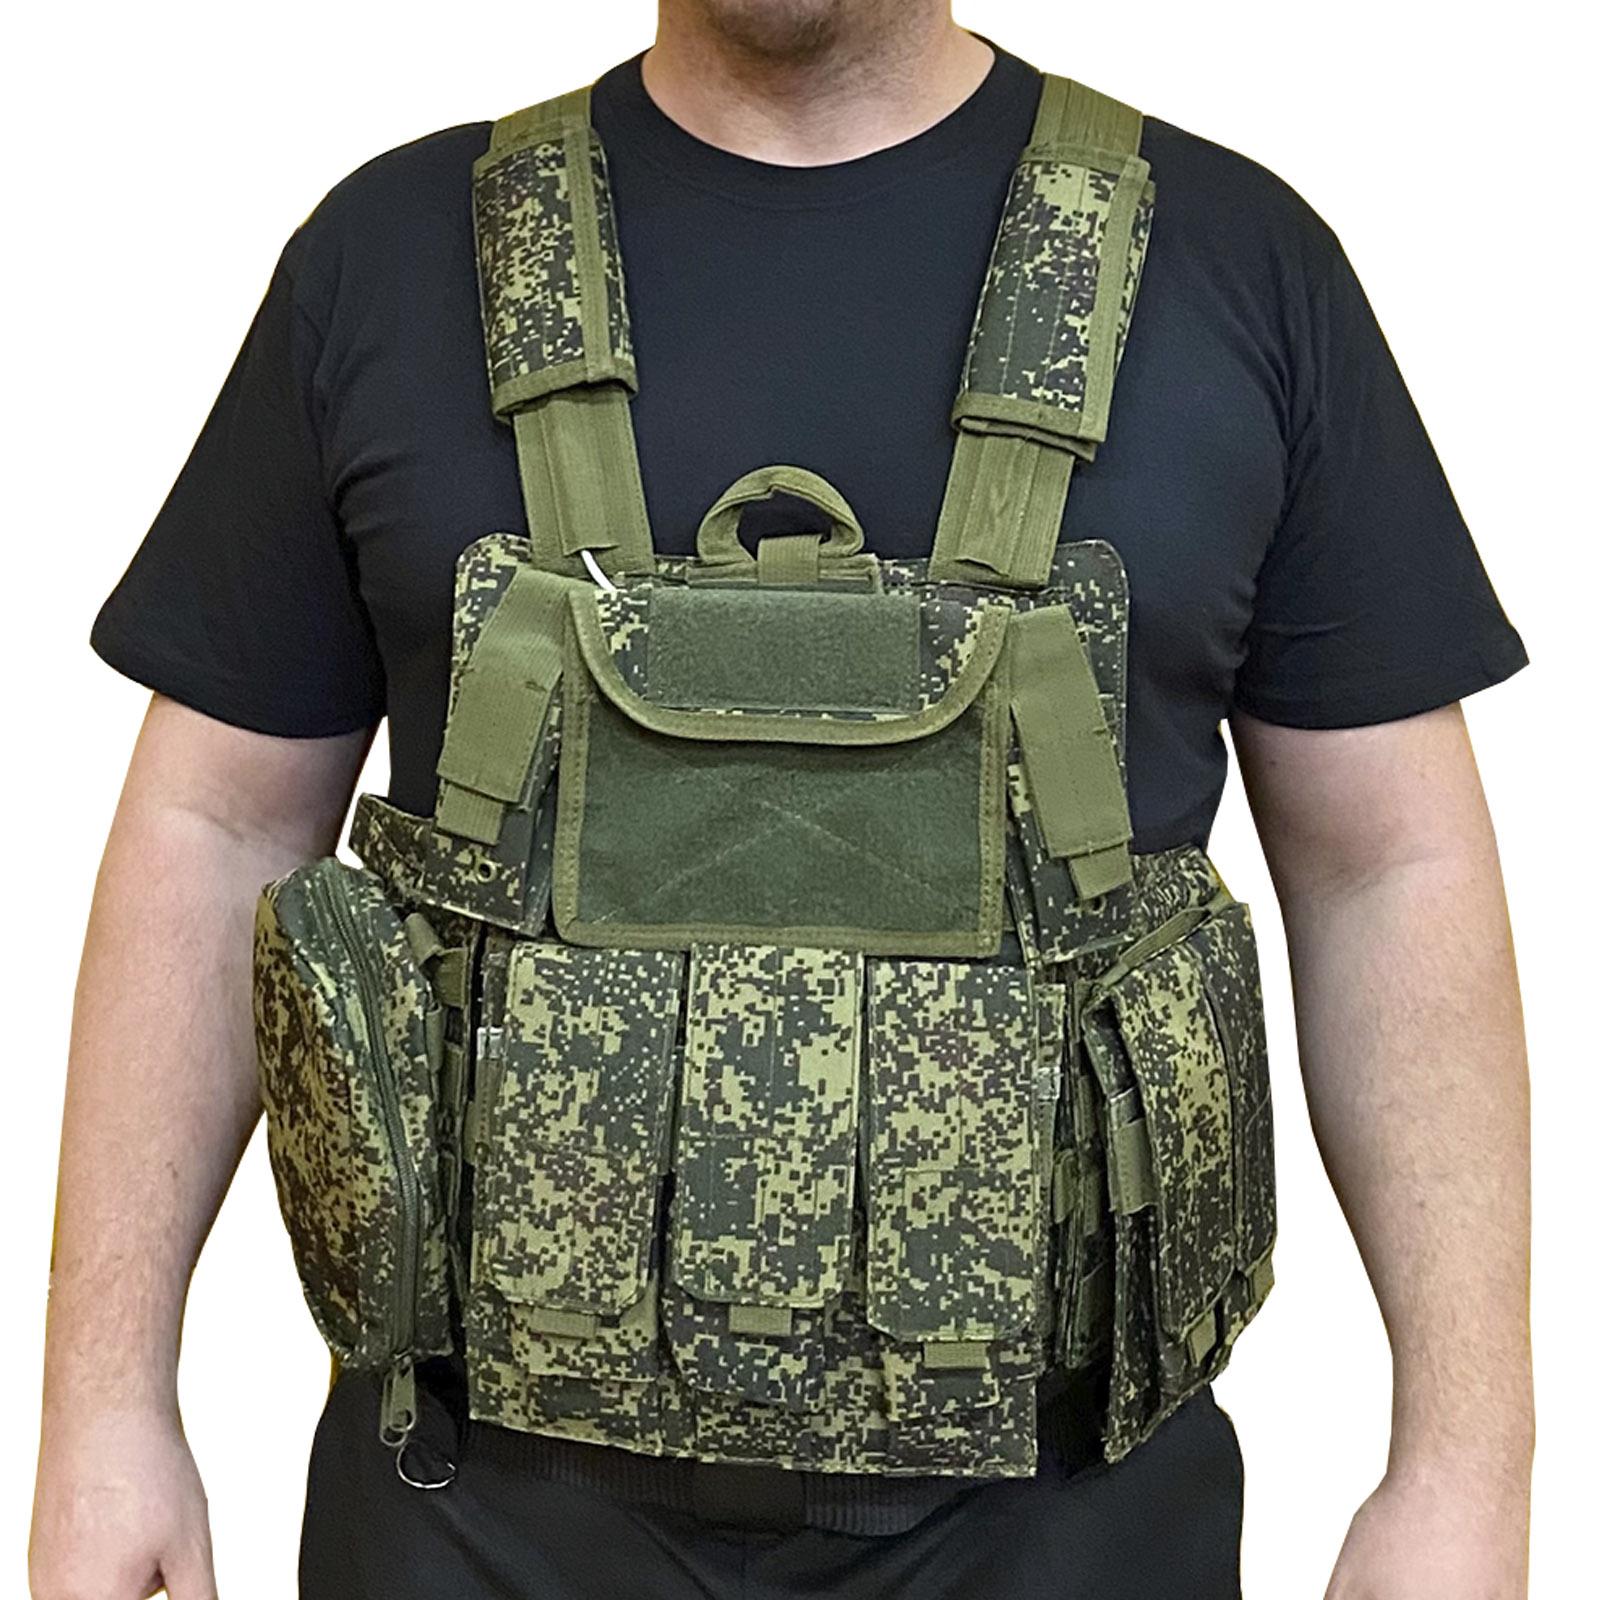 Армейский разгрузочный жилет (российская цифра)